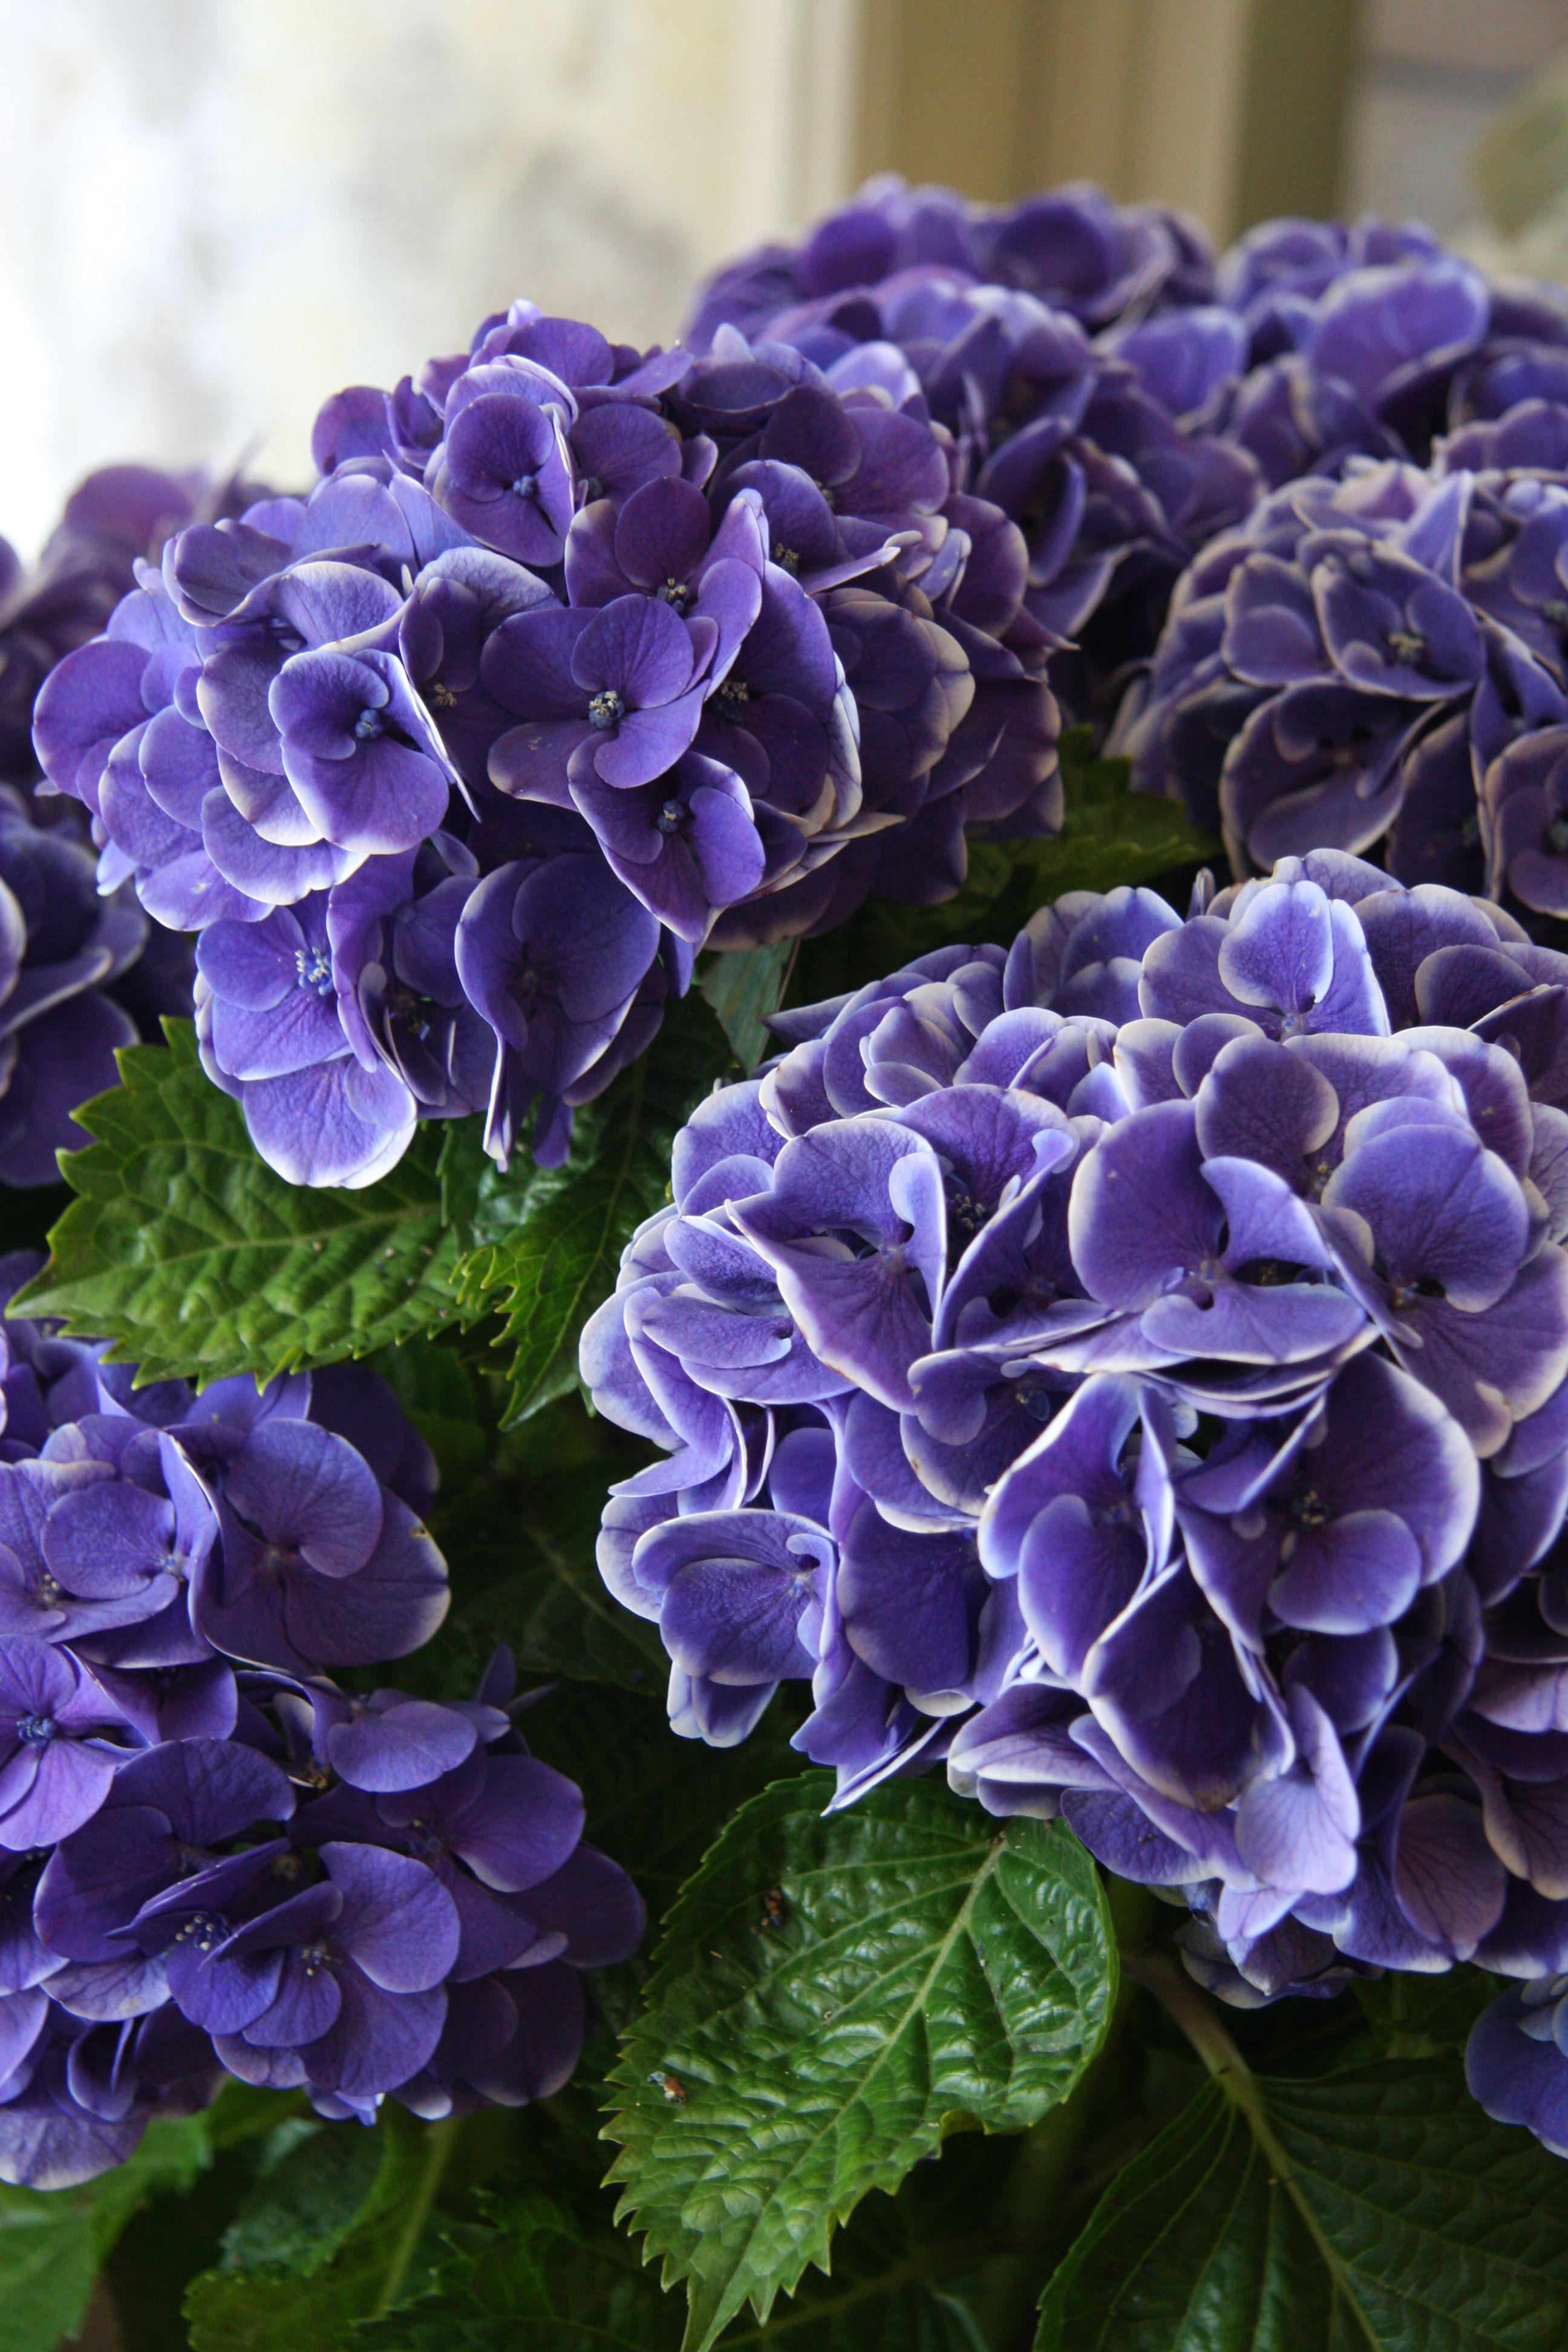 Hydrangea Mars Blue Purple Flowers Flower Farm Hydrangea Flower